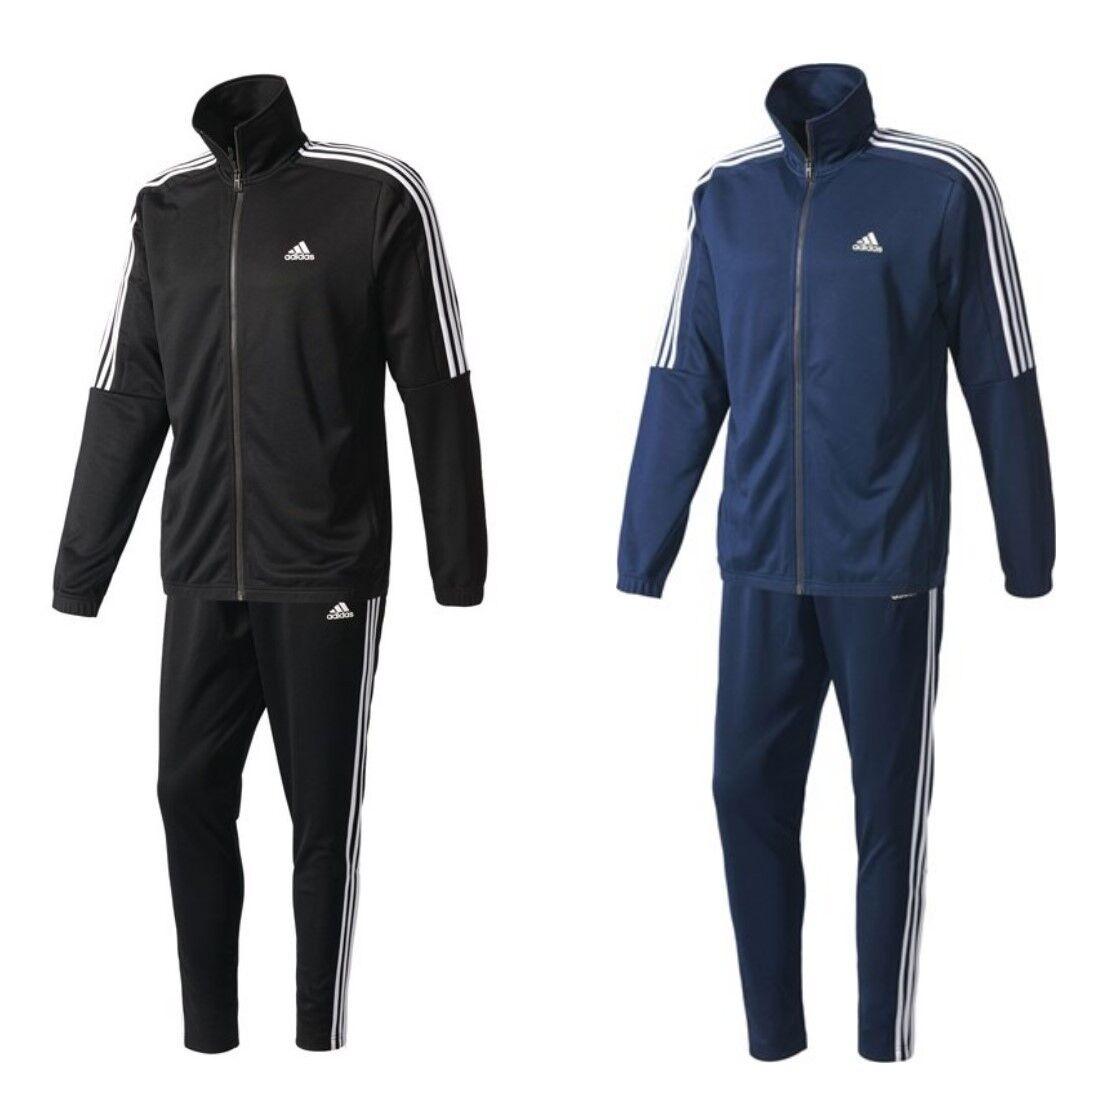 Adidas Jogging Anzug Herren Männer Trainingsanzug Sportanzug schwarz blau S-XXL    | Neue Sorten werden eingeführt